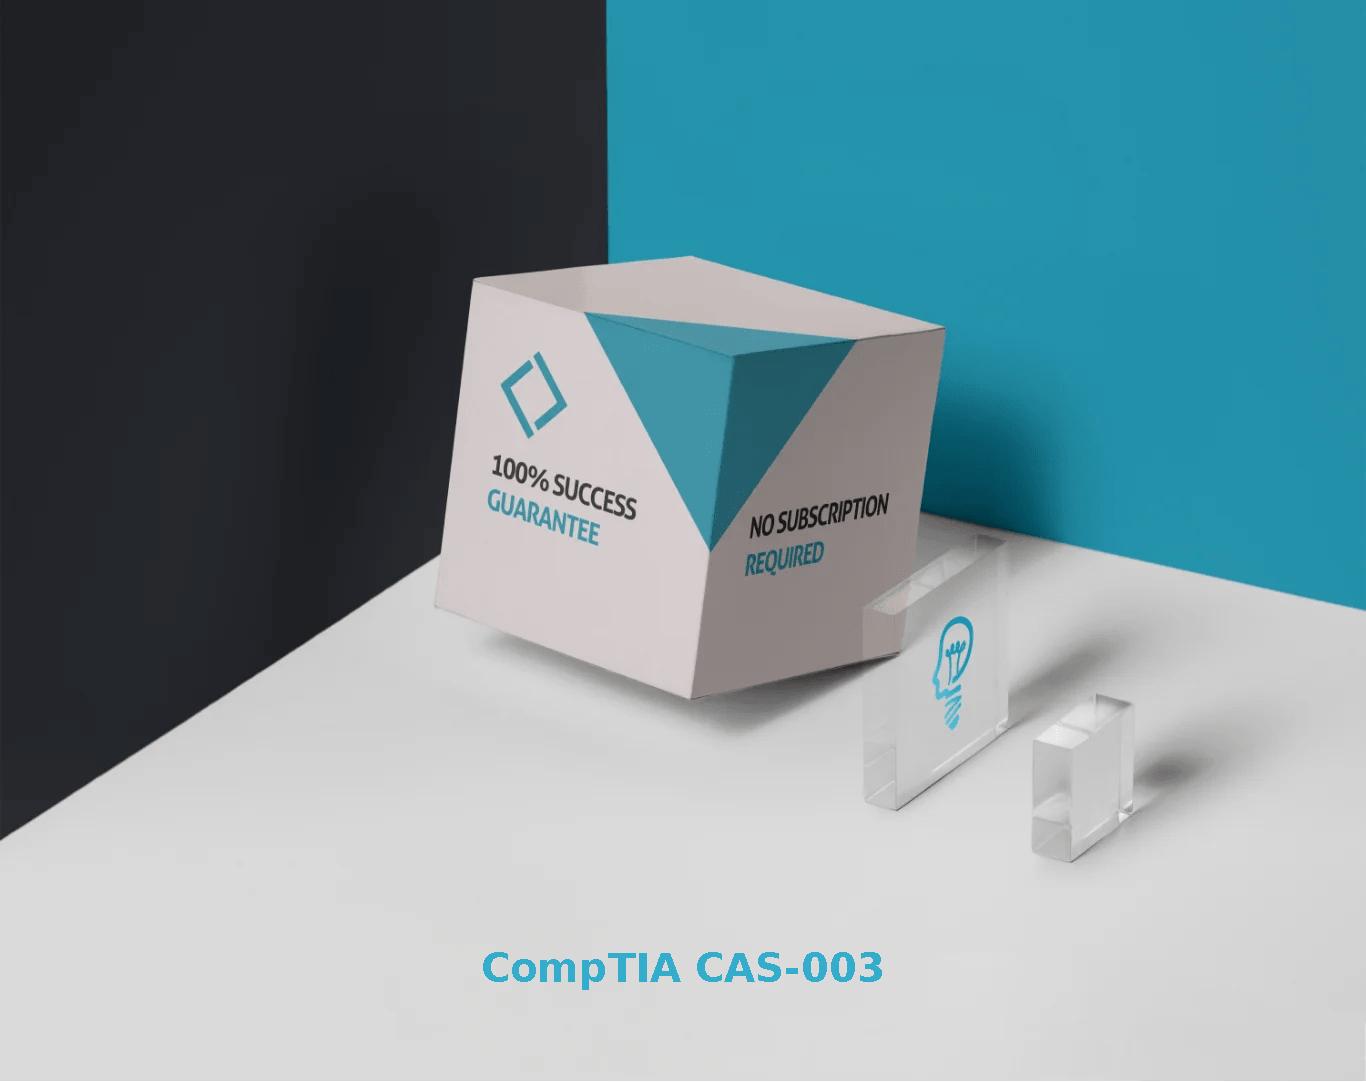 CompTIA CAS-003 Exams